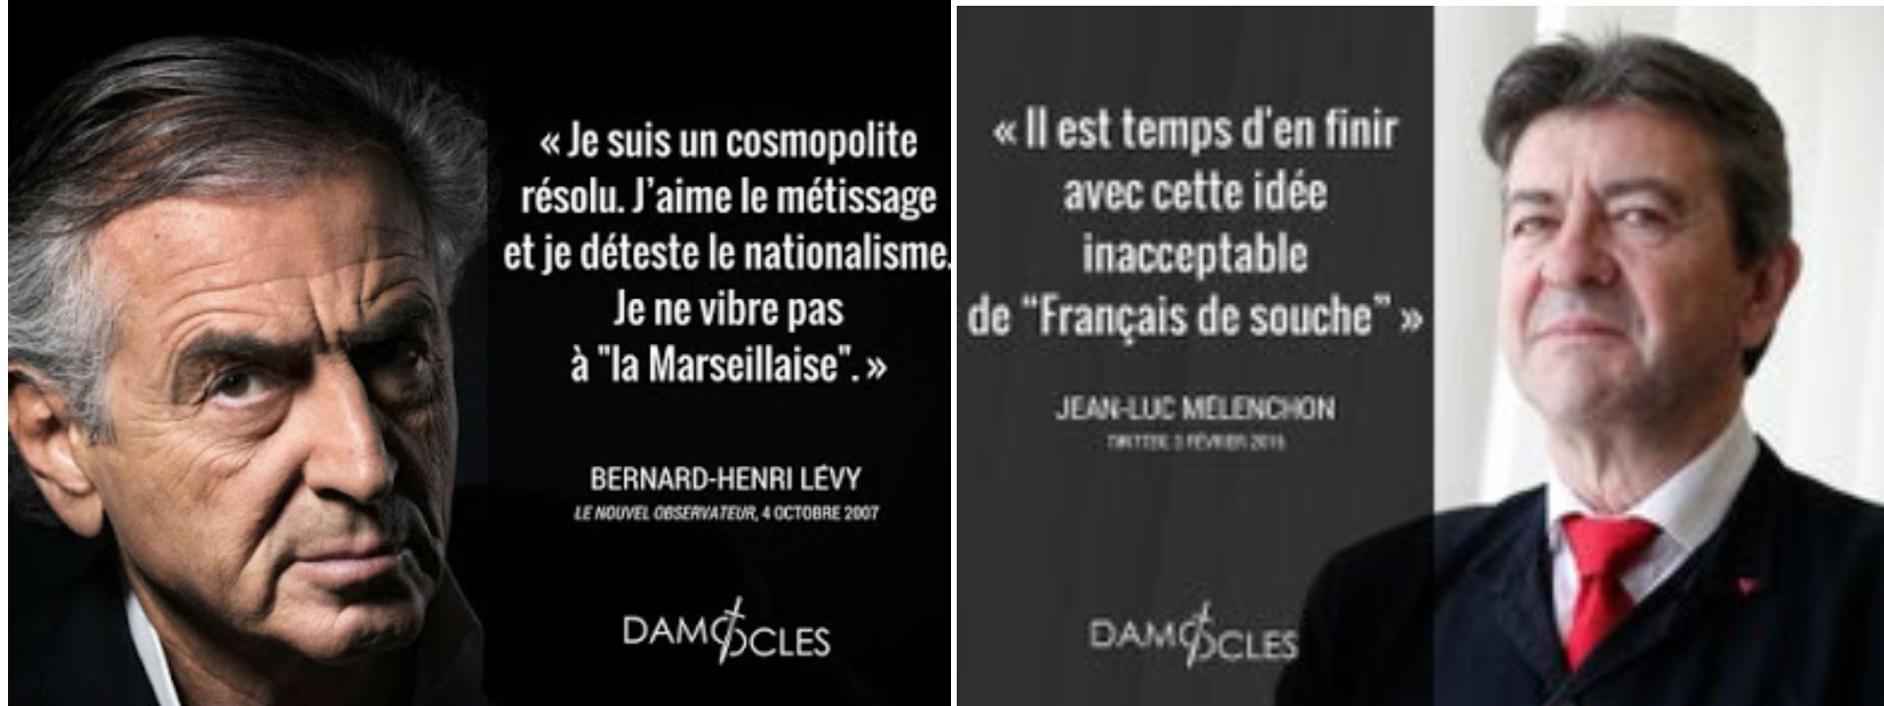 Vidéo fascinante du métro parisien dans les années 60: la France que Mélenchon, BHL et Macron ont tuée